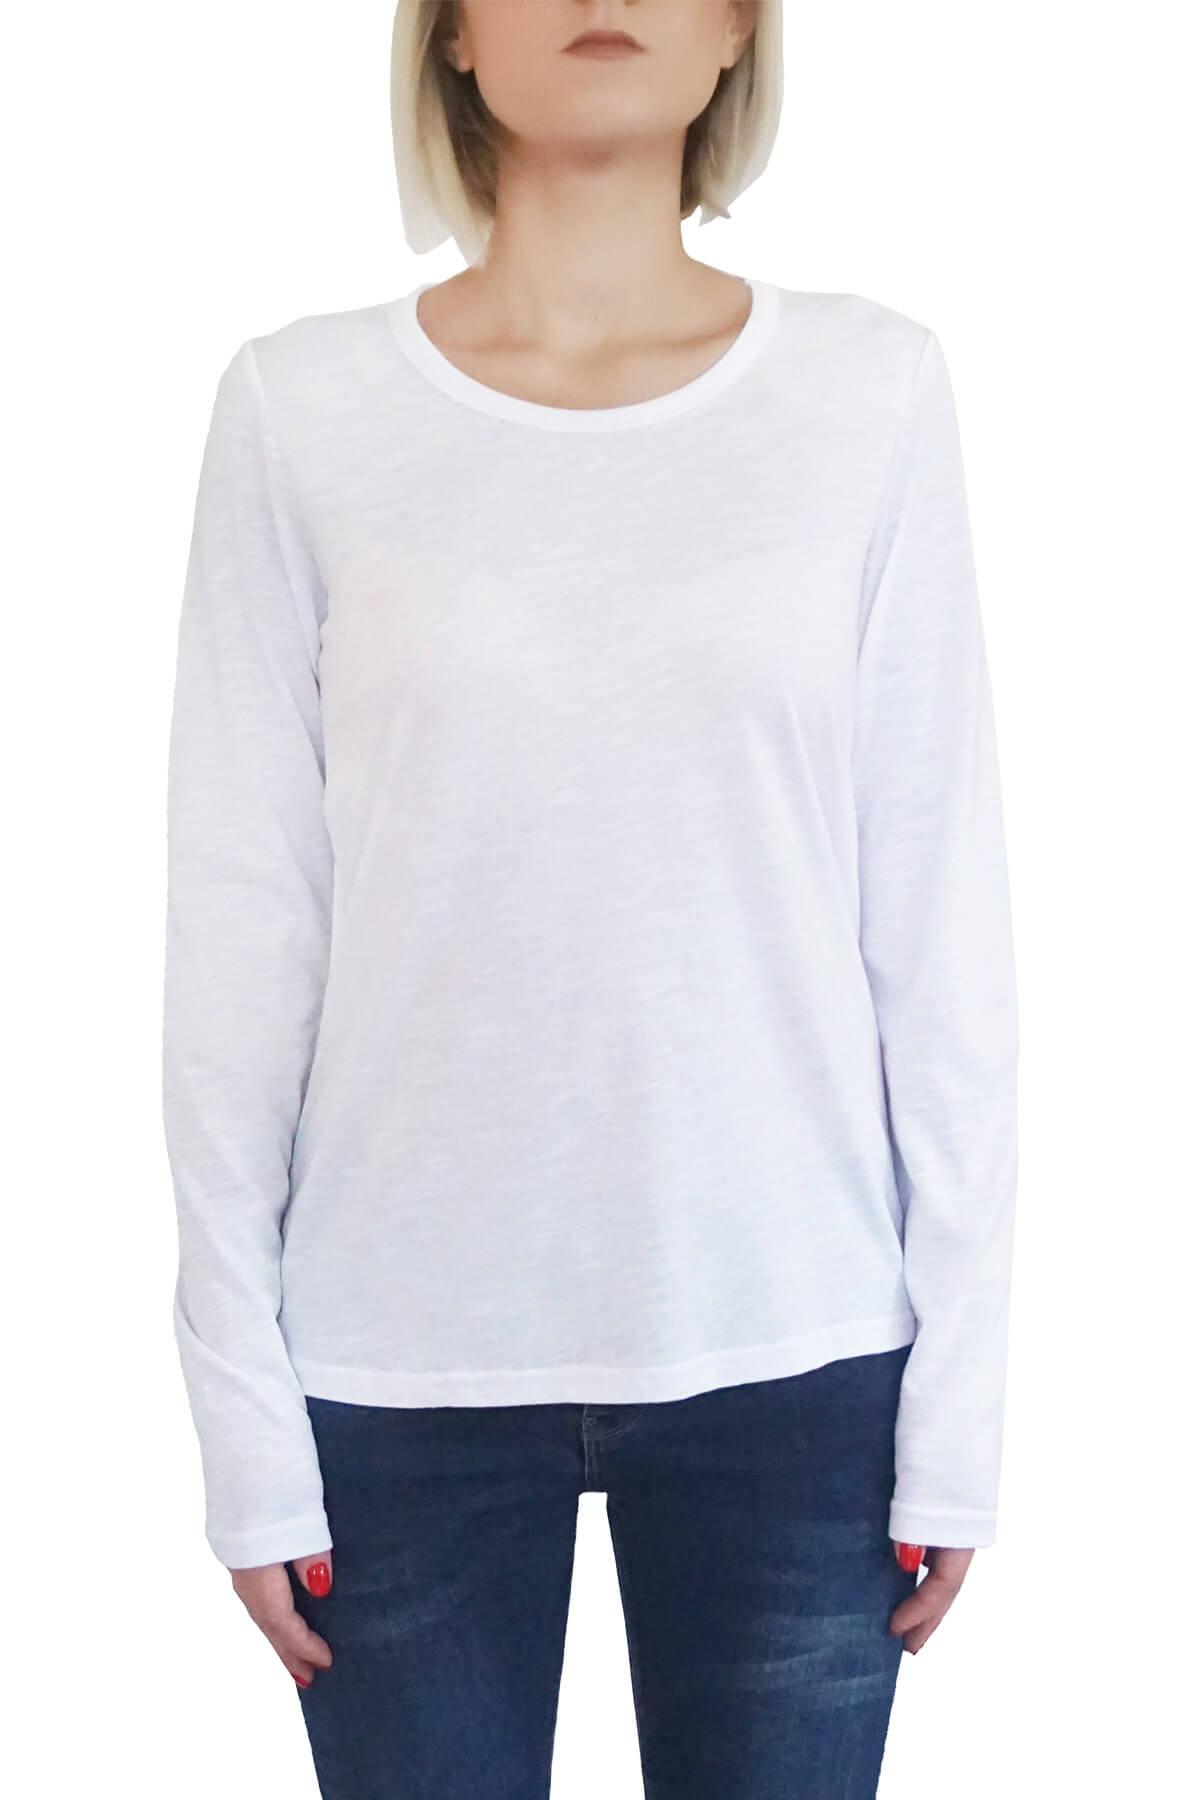 MOF Kadın Beyaz T-Shirt UKSYT-B 1